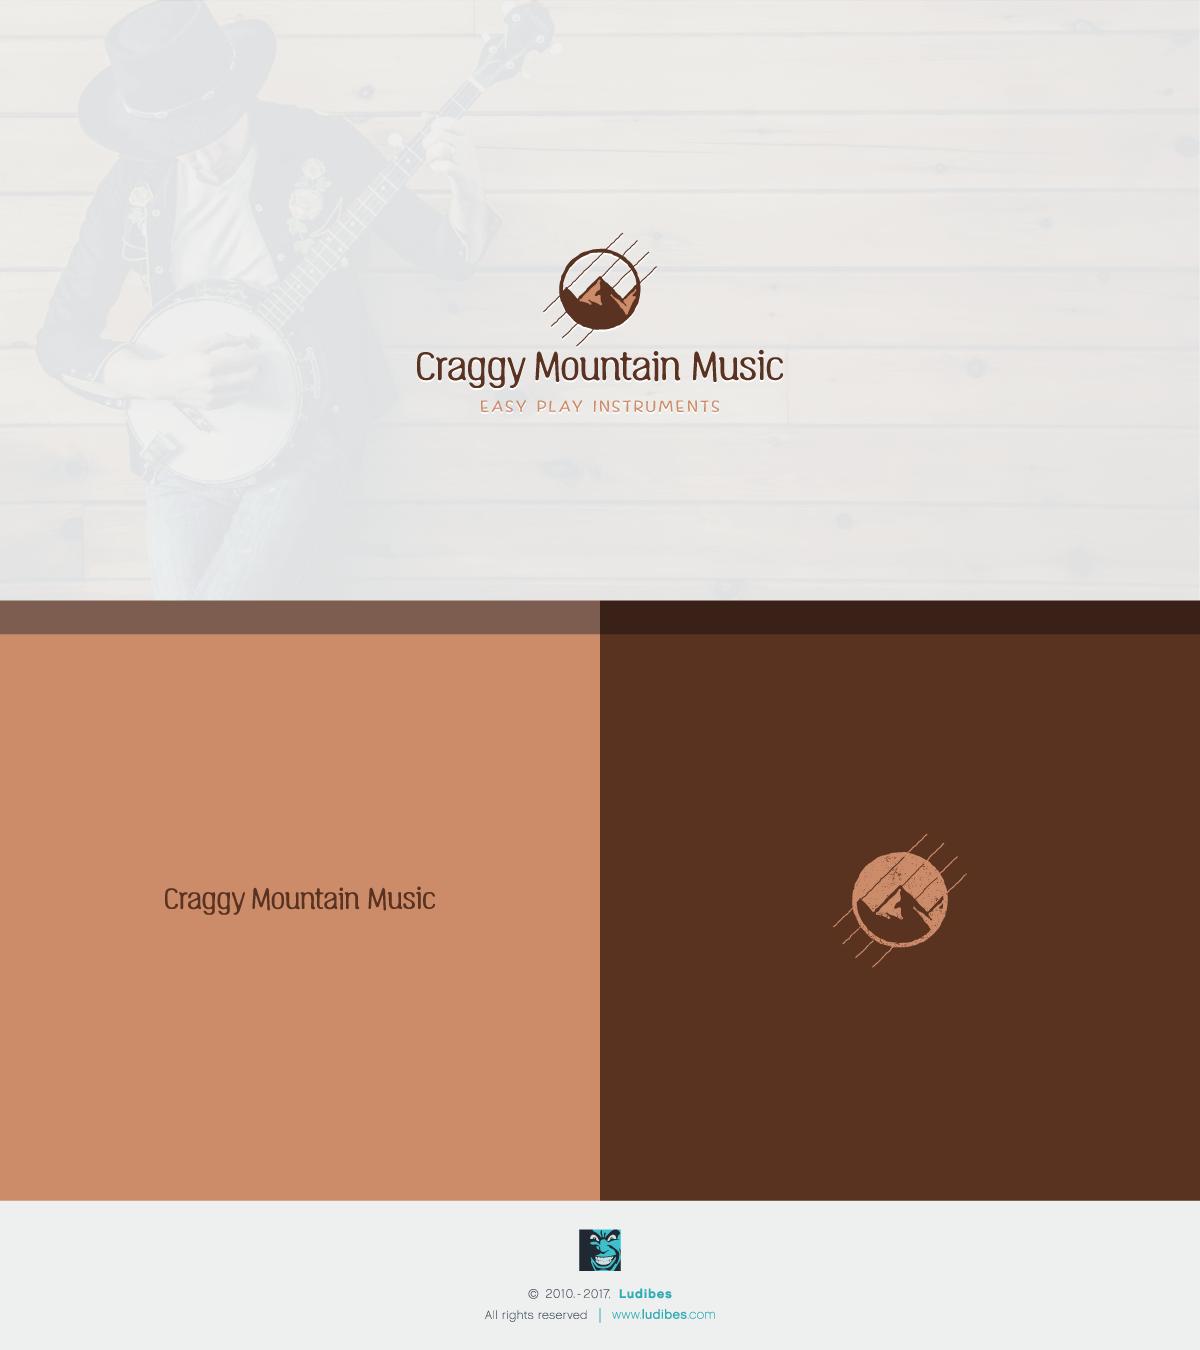 Craggy Mountain Music